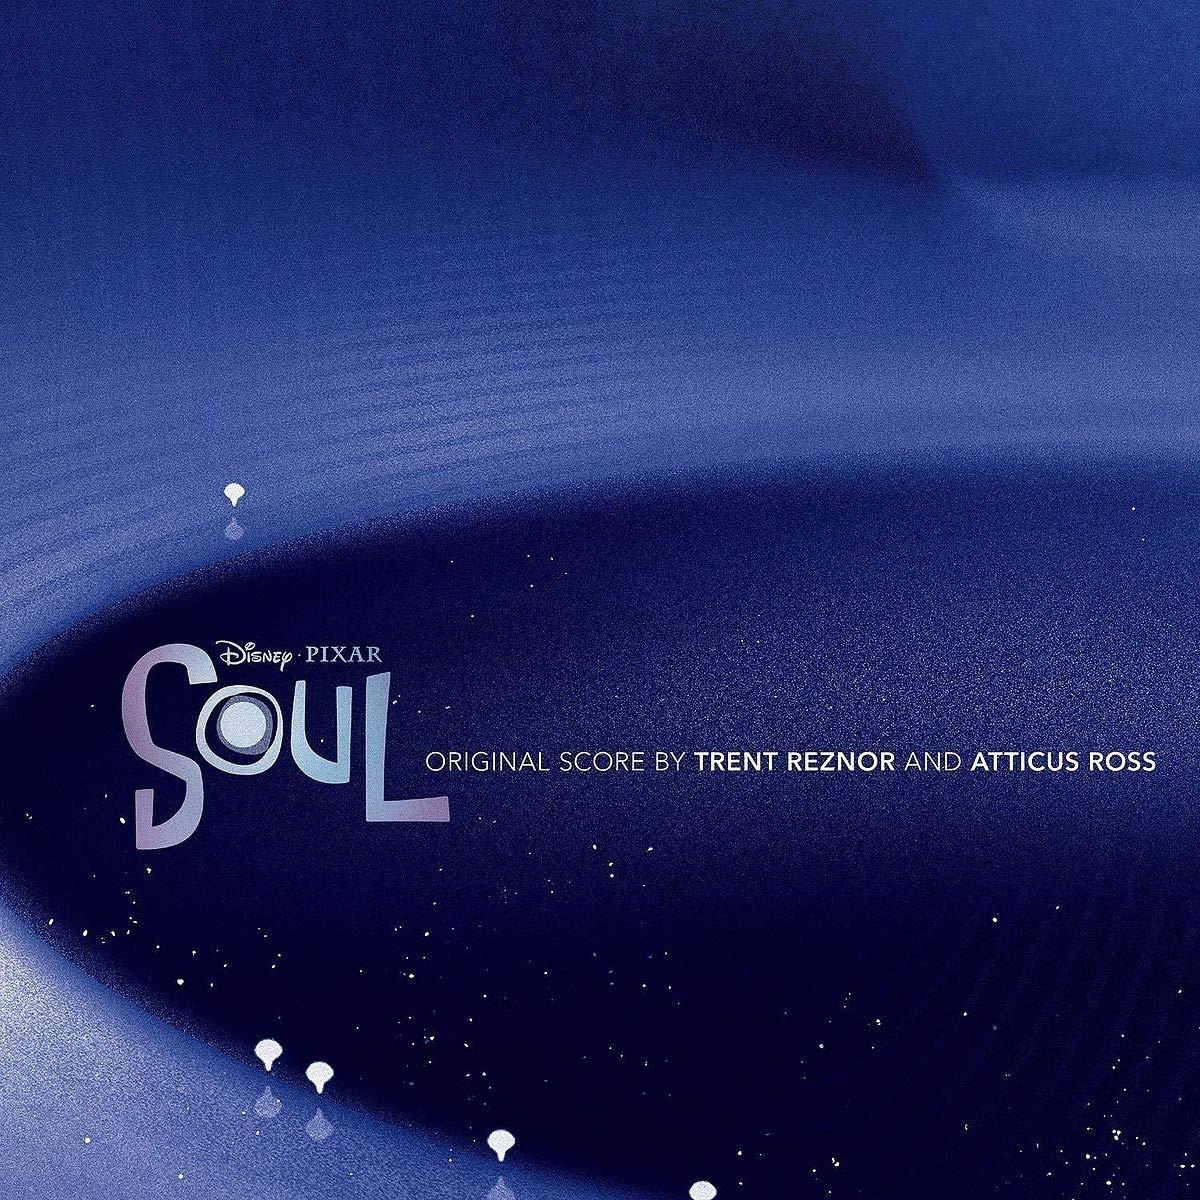 Co w duszy gra - okładka wydania soundtracku LP